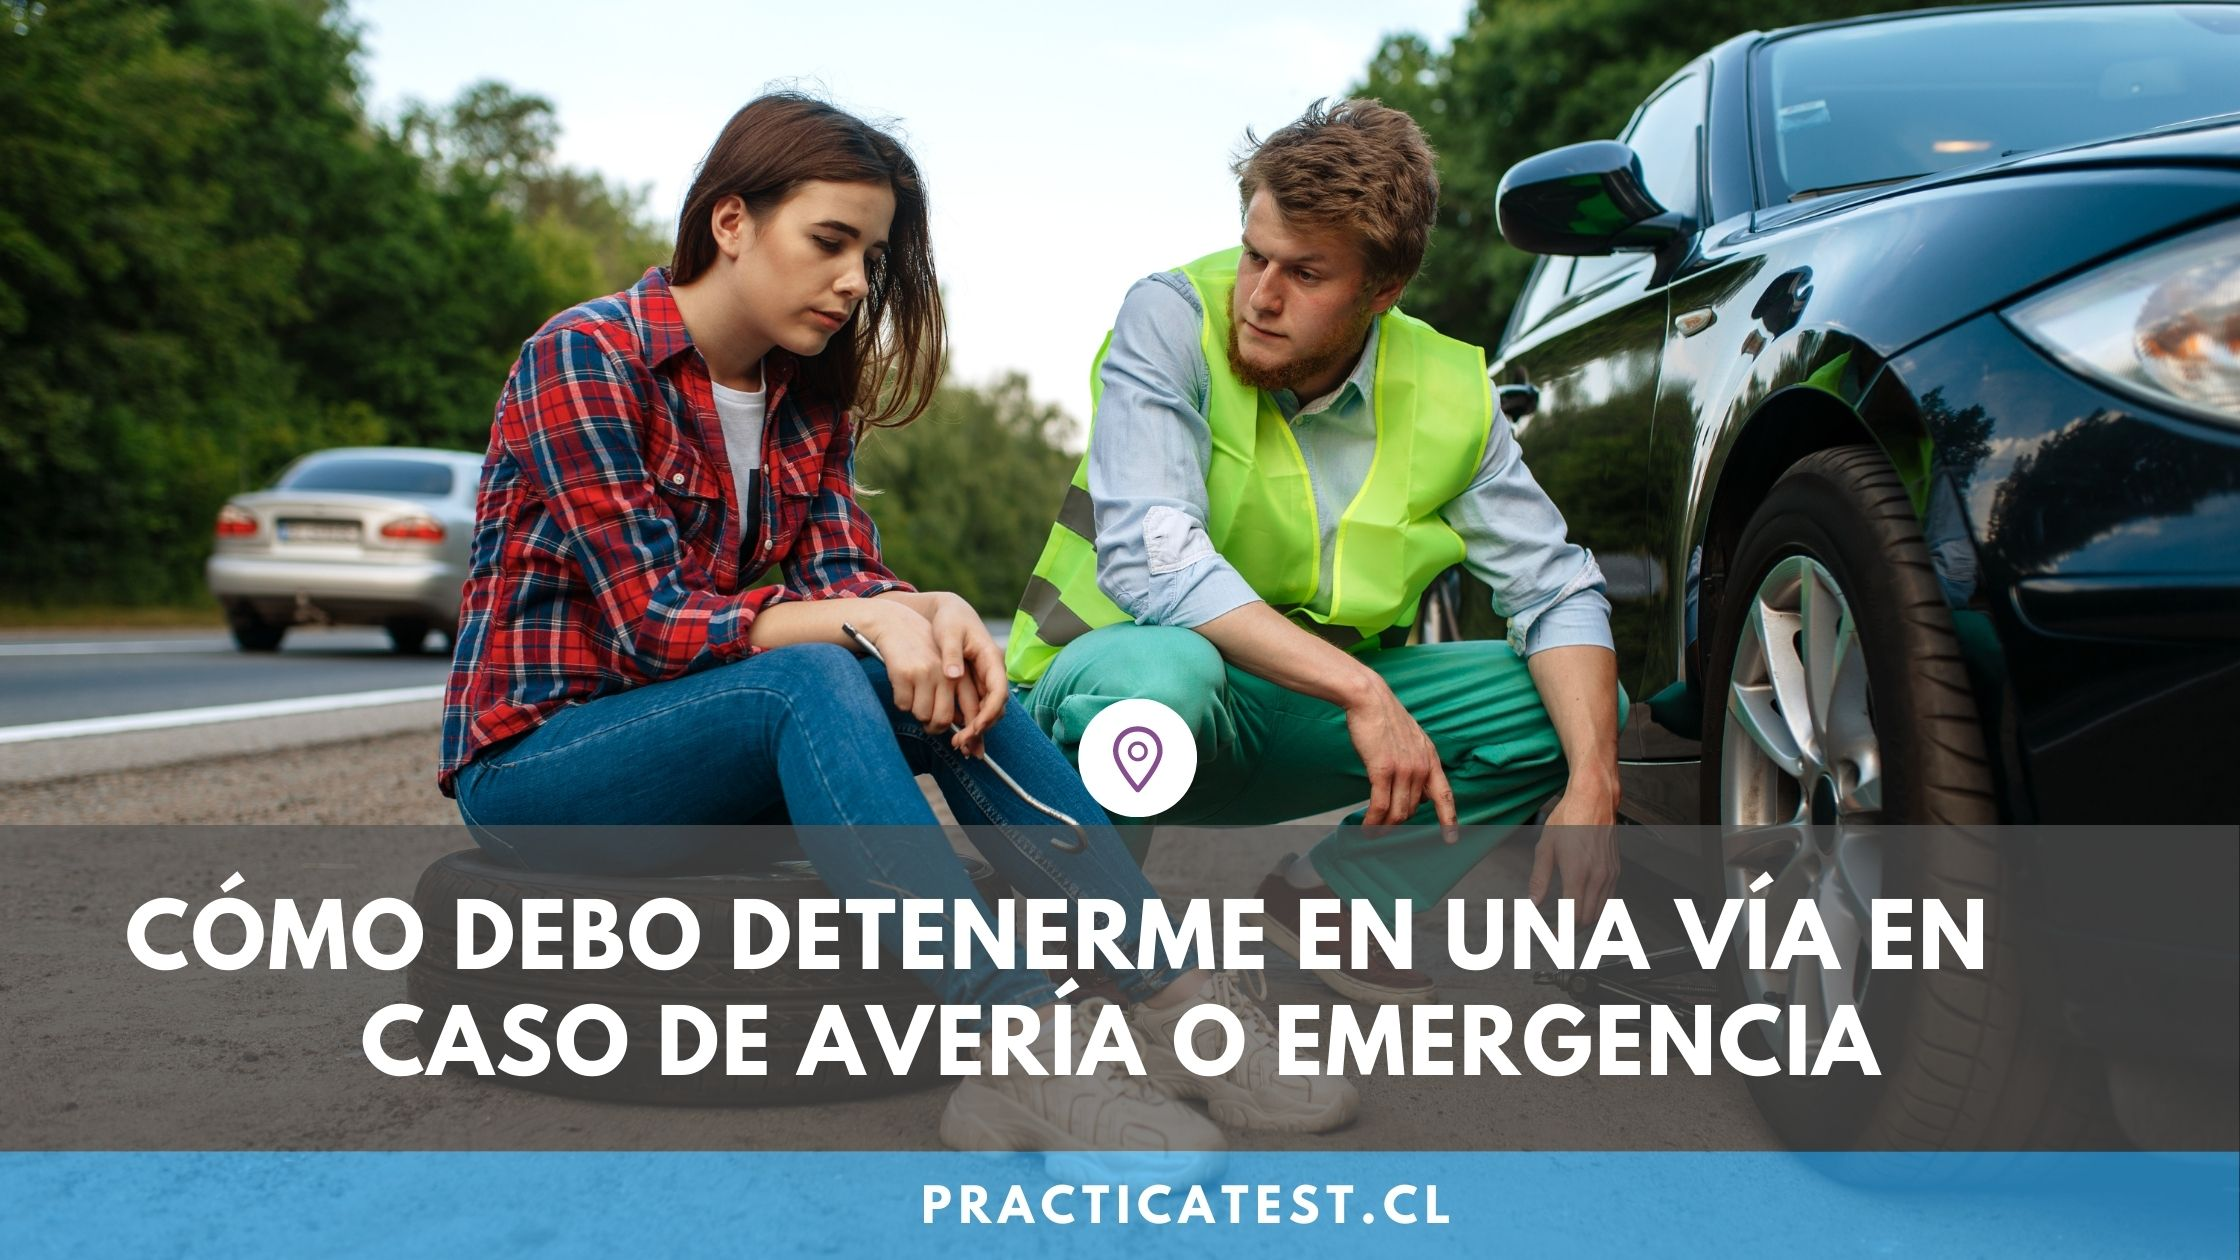 Cómo detenerme en medio de la carretera si he sufrido una avería o emergencia